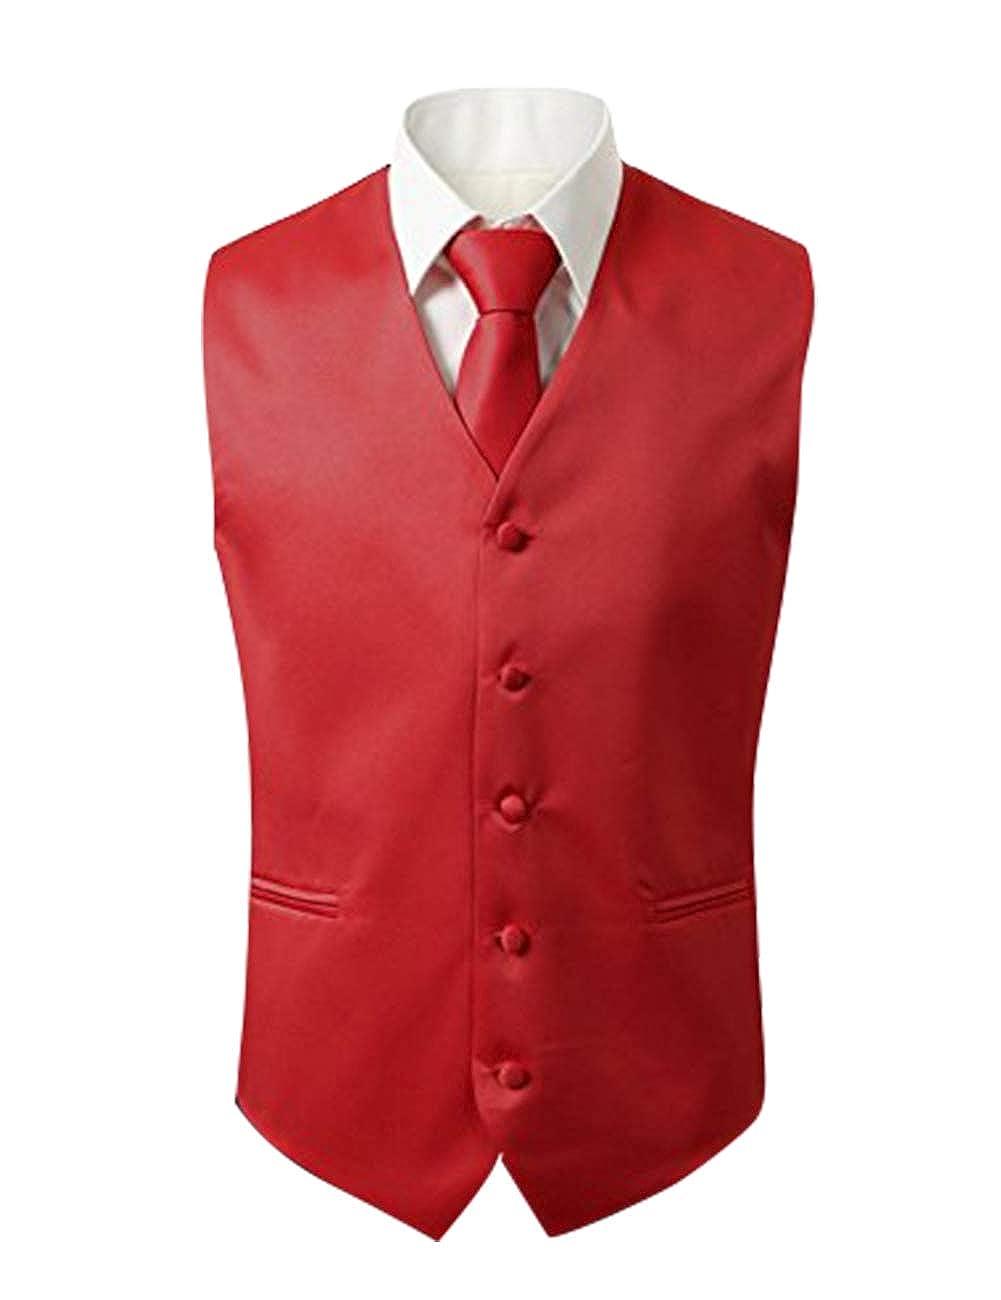 112467edada Judi Dench Hommes 3 pi¨ ¨ Ces Cravate ¨ ¦ querre de Poche de Gilet